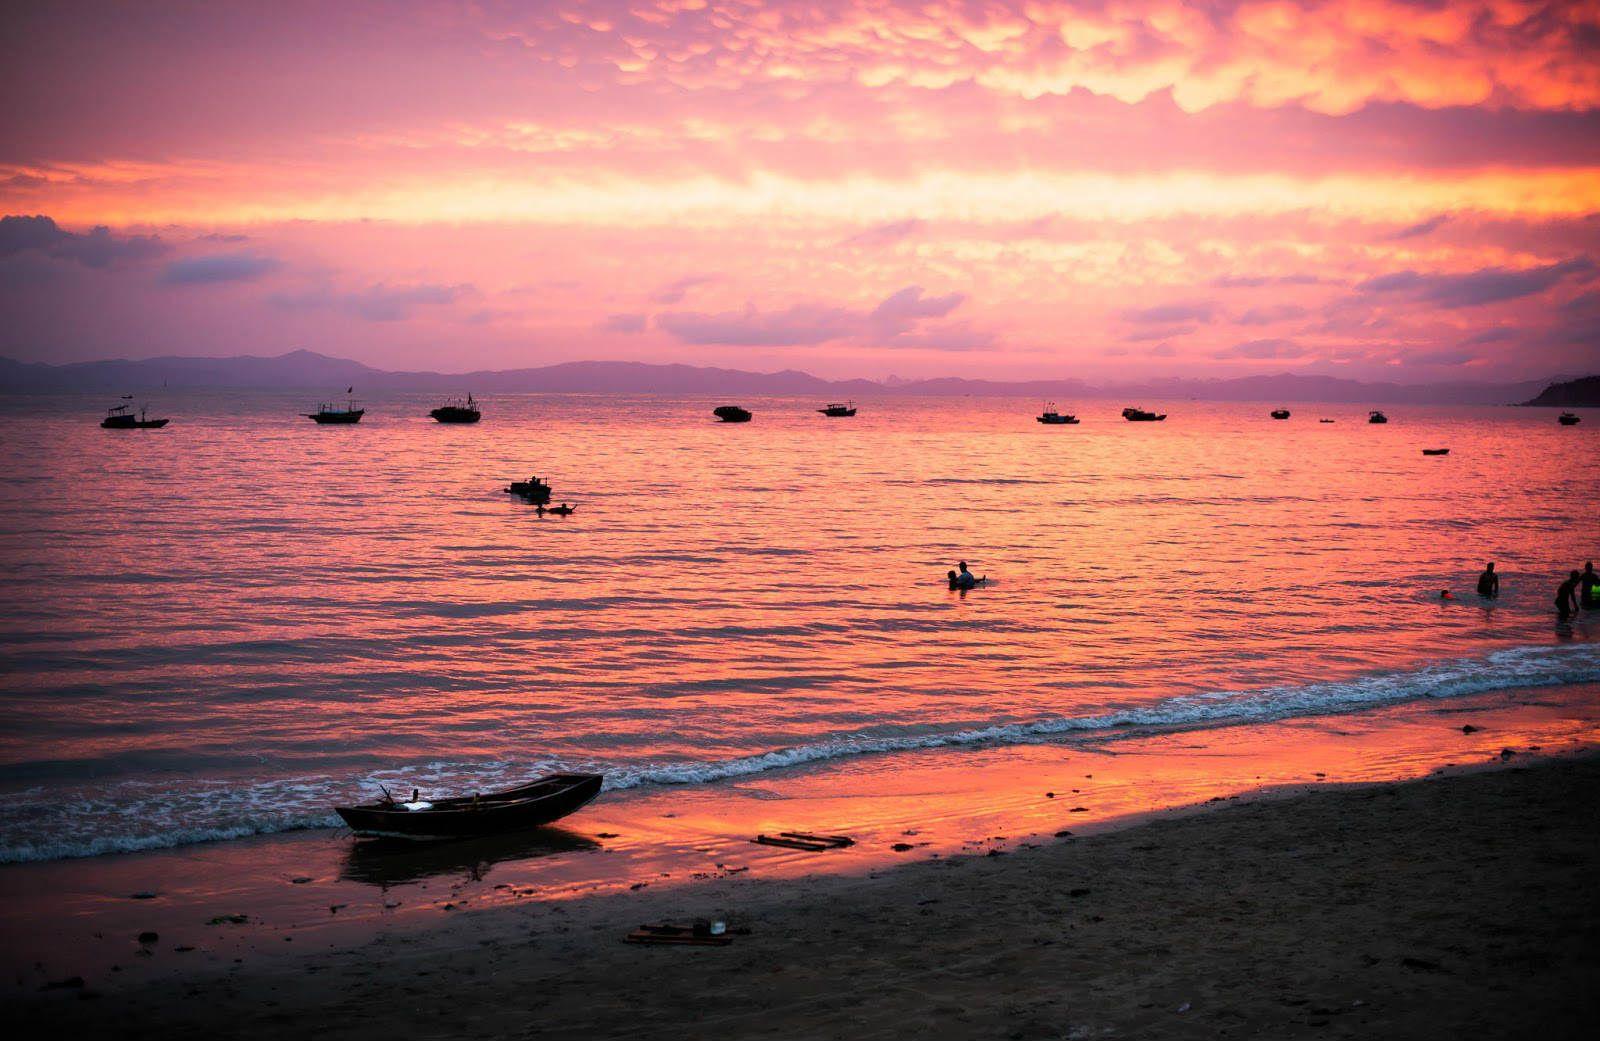 Đến với Côn Đảo để tận hưởng một chuyến du lịch tuyệt vời